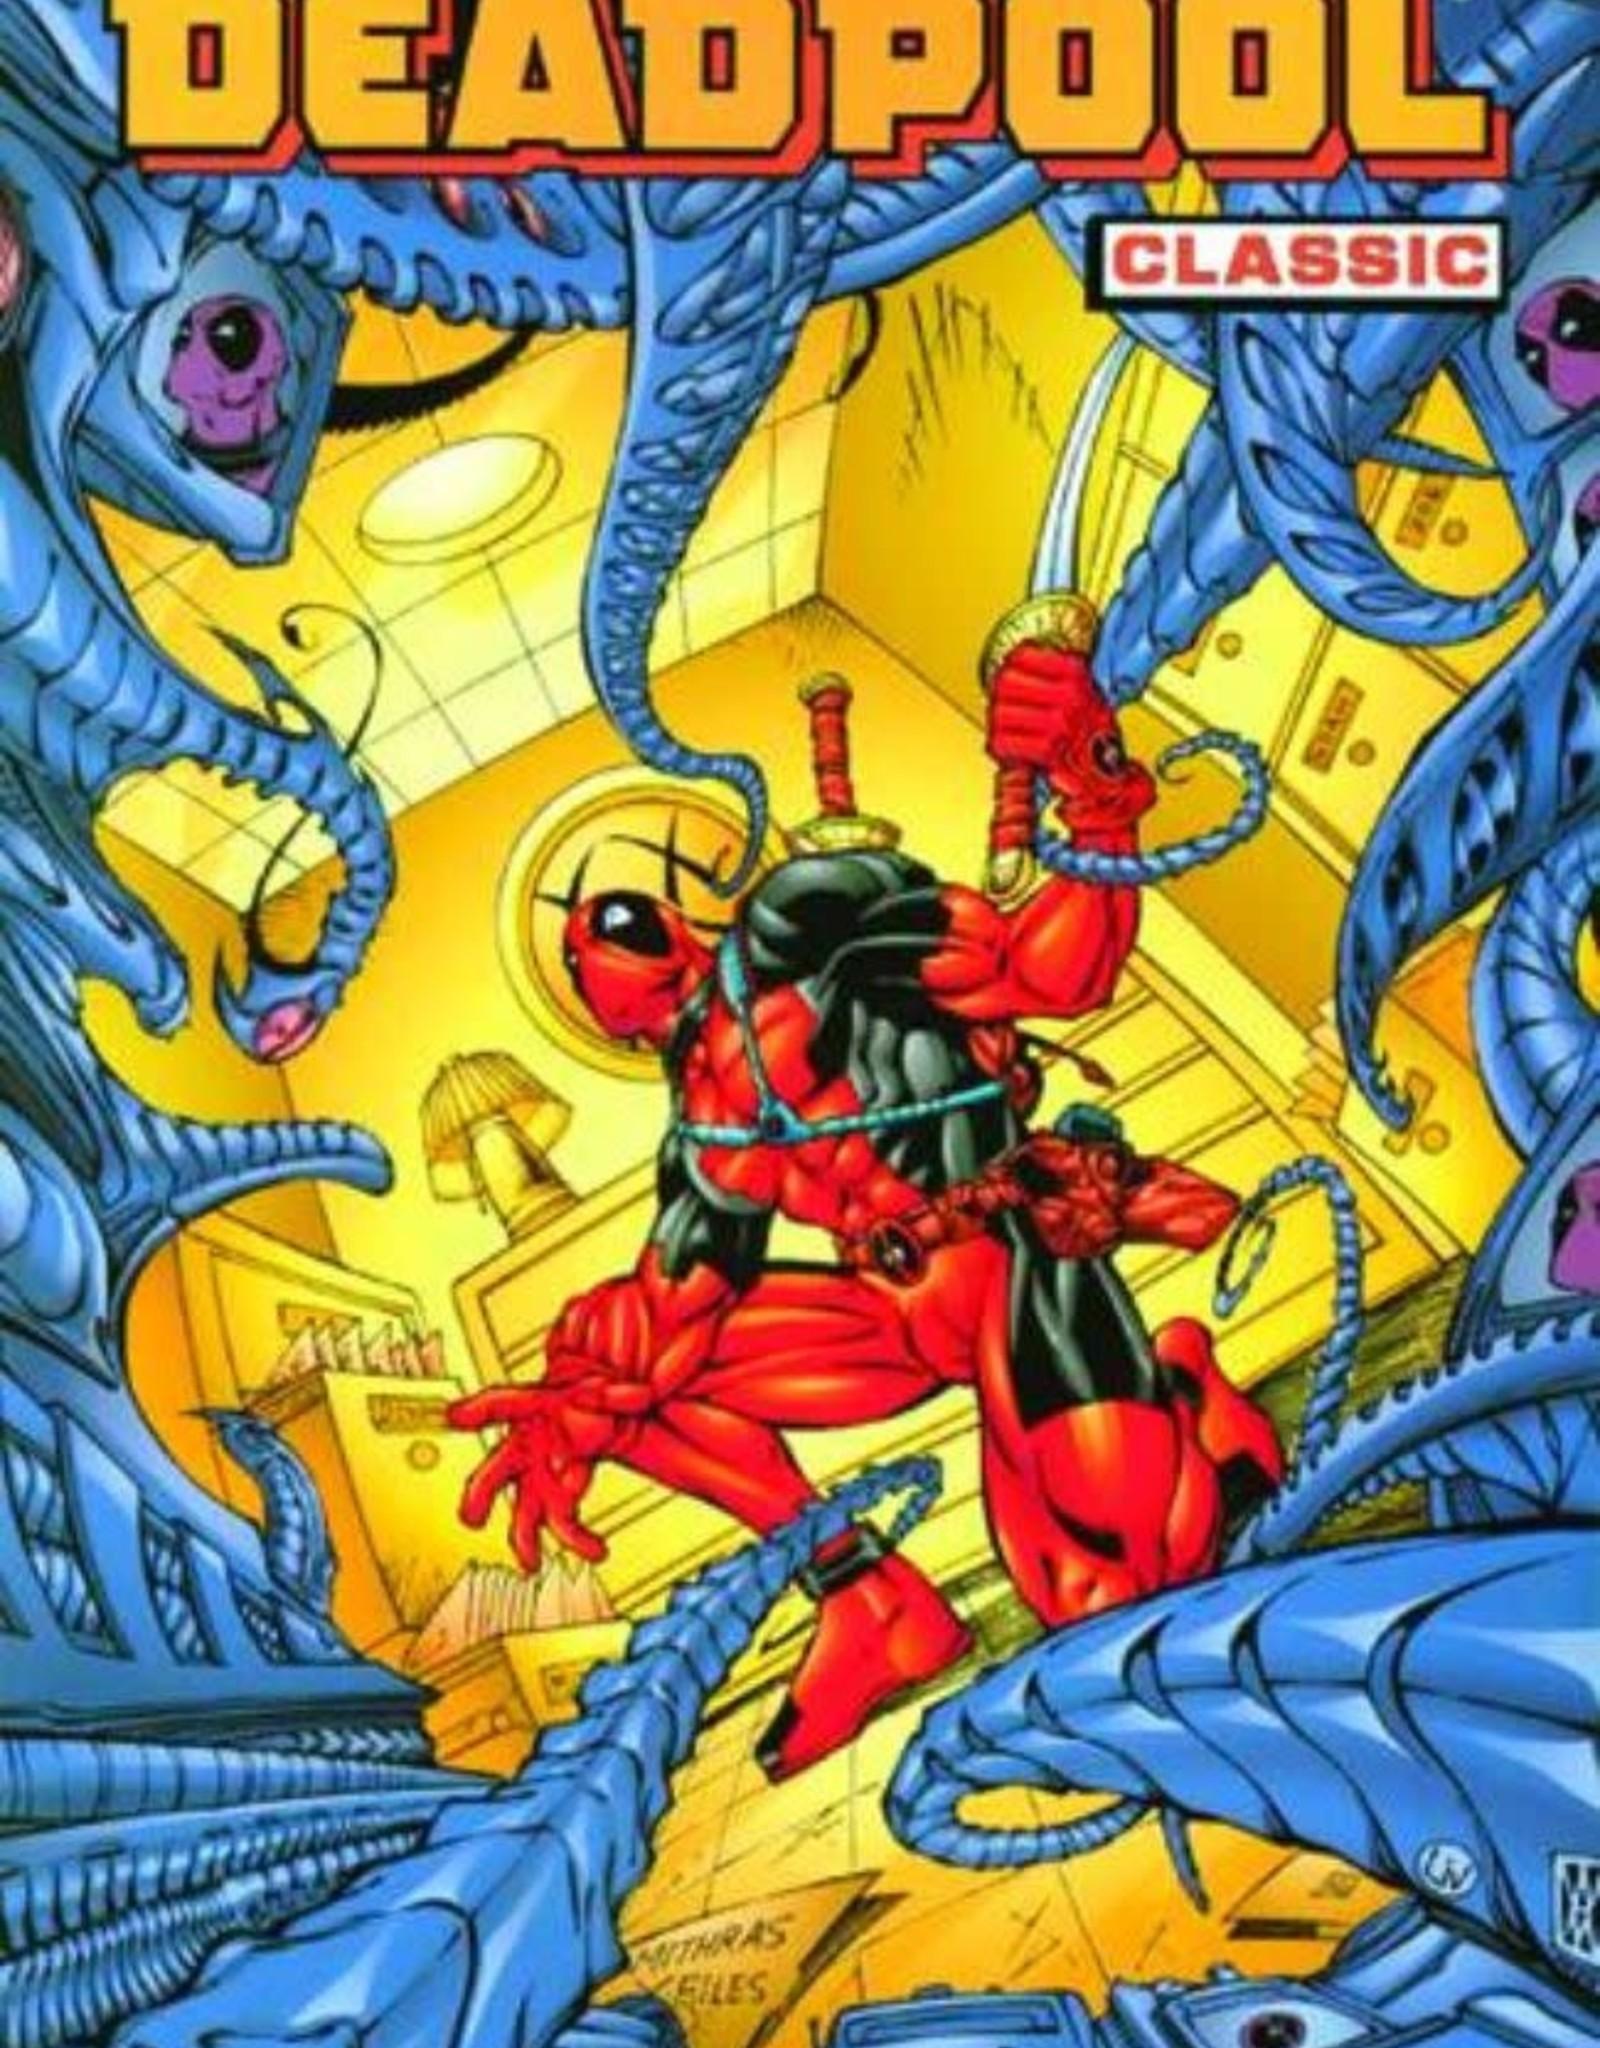 Marvel Comics Deadpool Classic Vol 04 TP